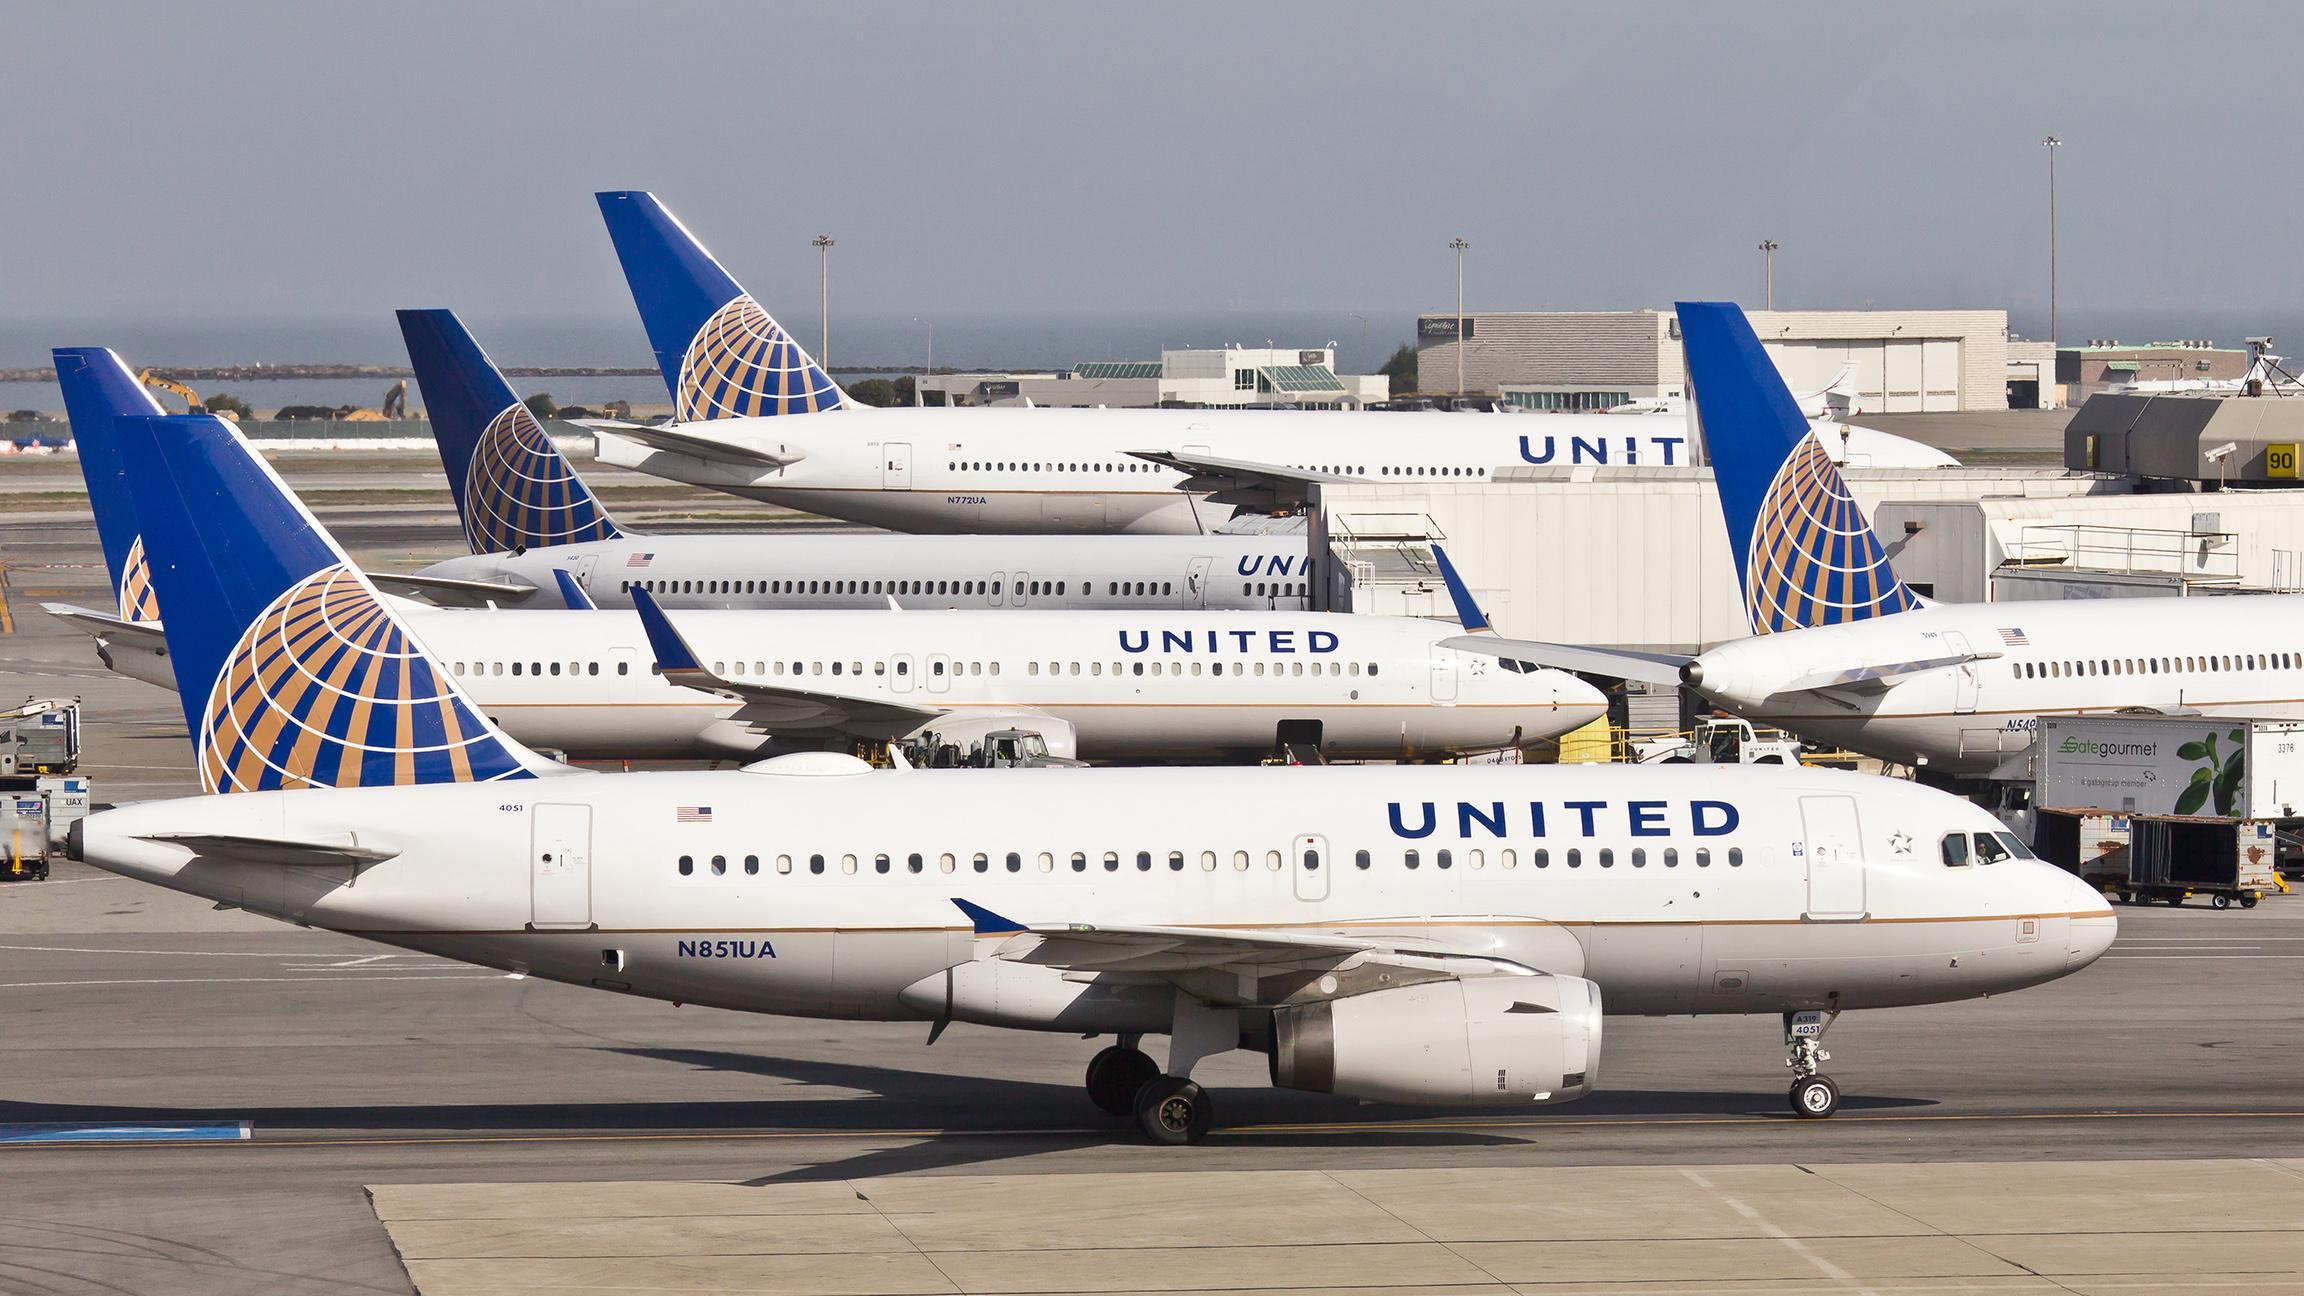 ユナイテッド航空(UA)の上級会員資格取得方法が変更(2020年から)